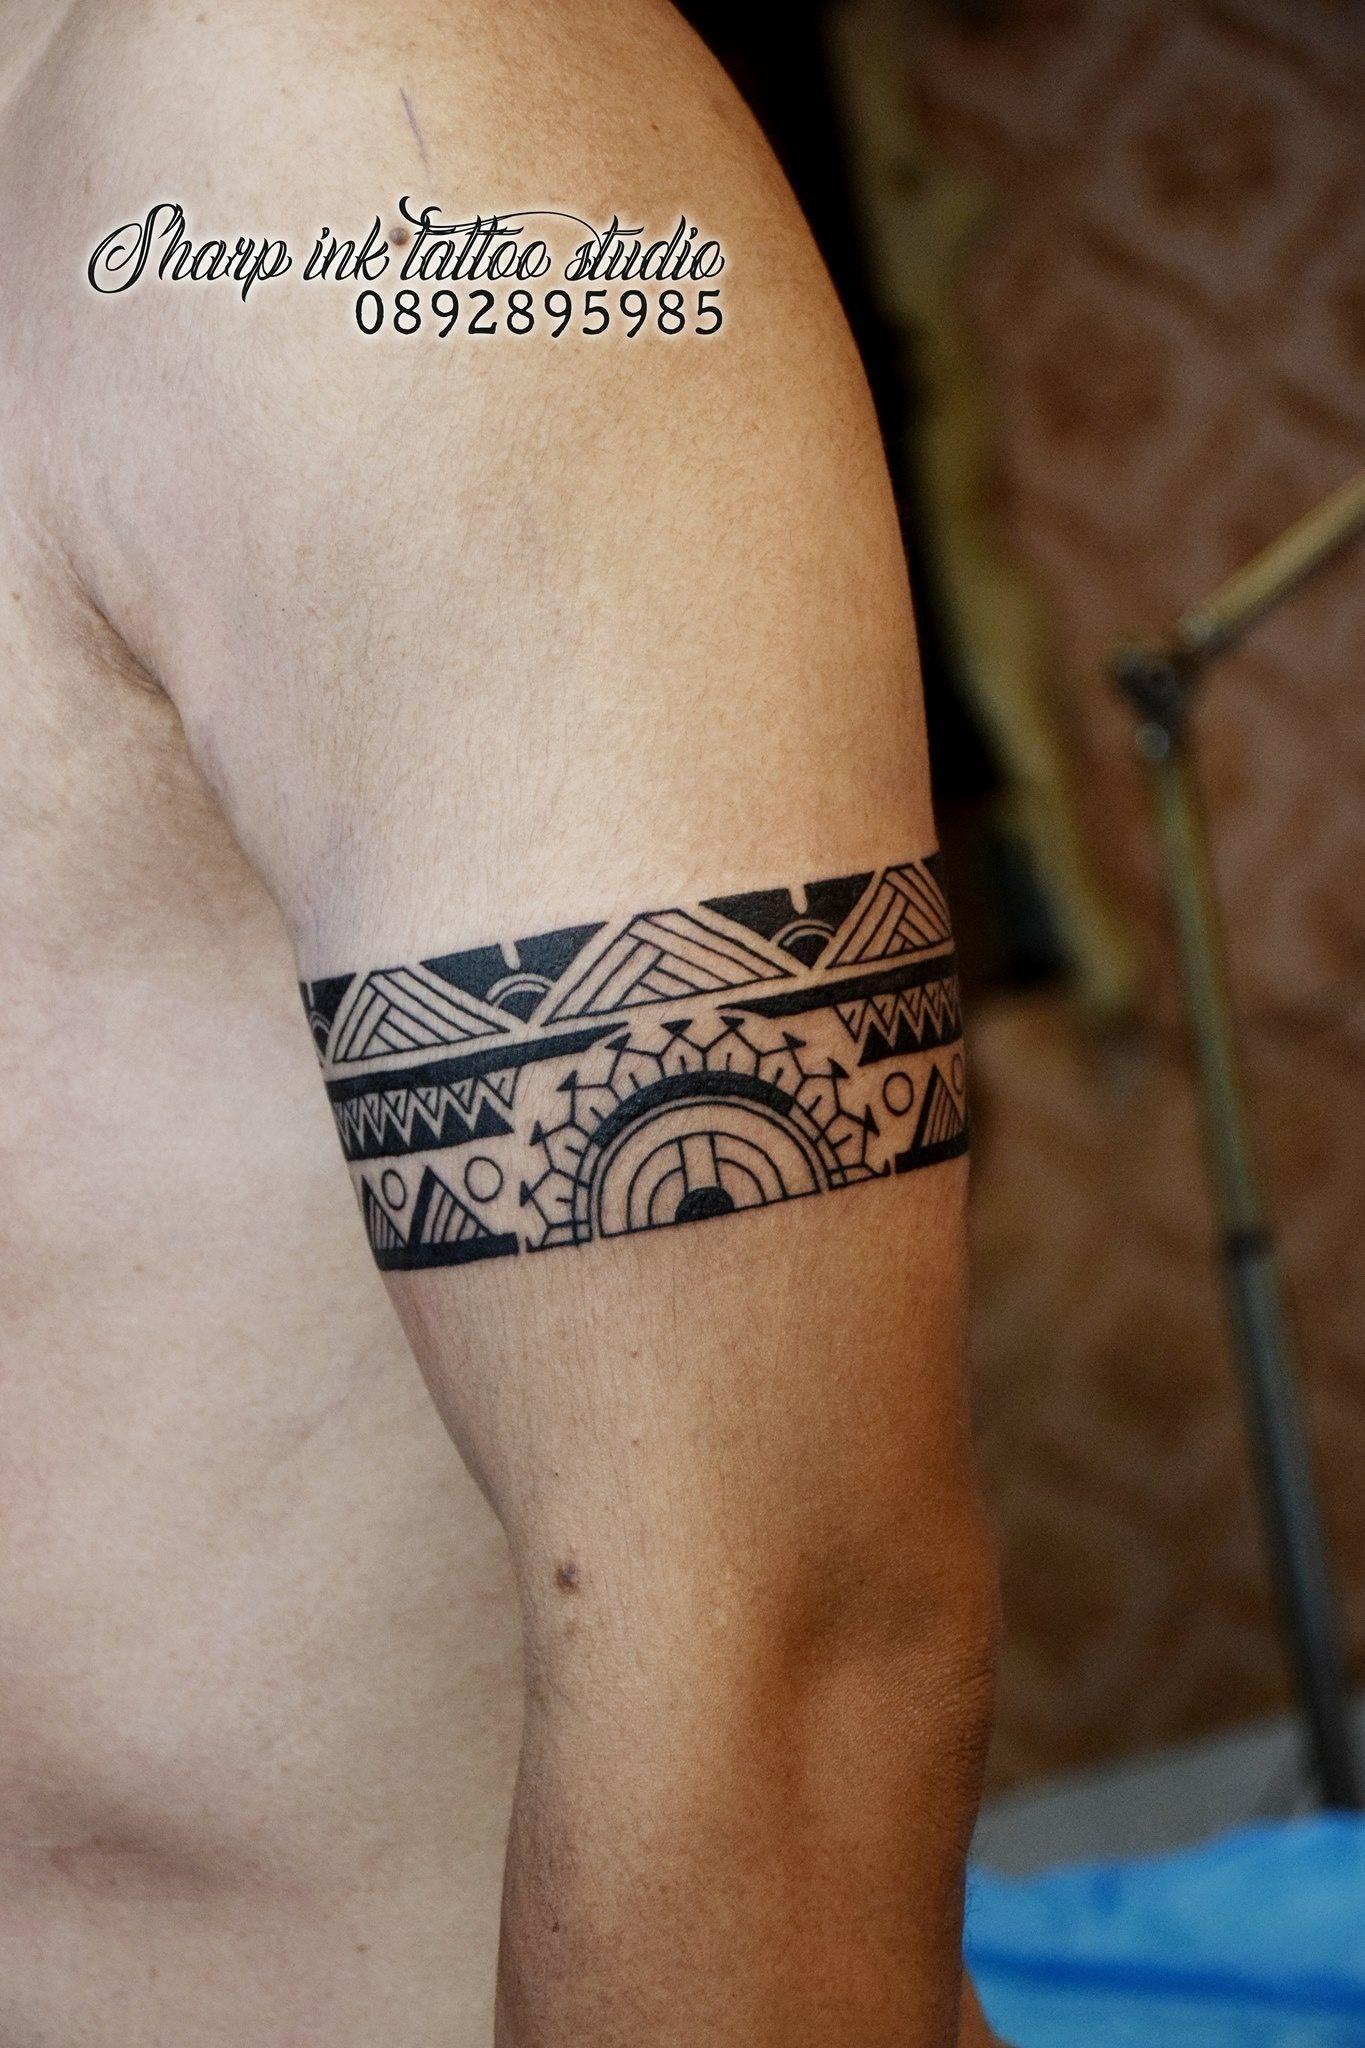 Maoritattoos Maori Tattoo Tattoos Tribal Armband Tattoo